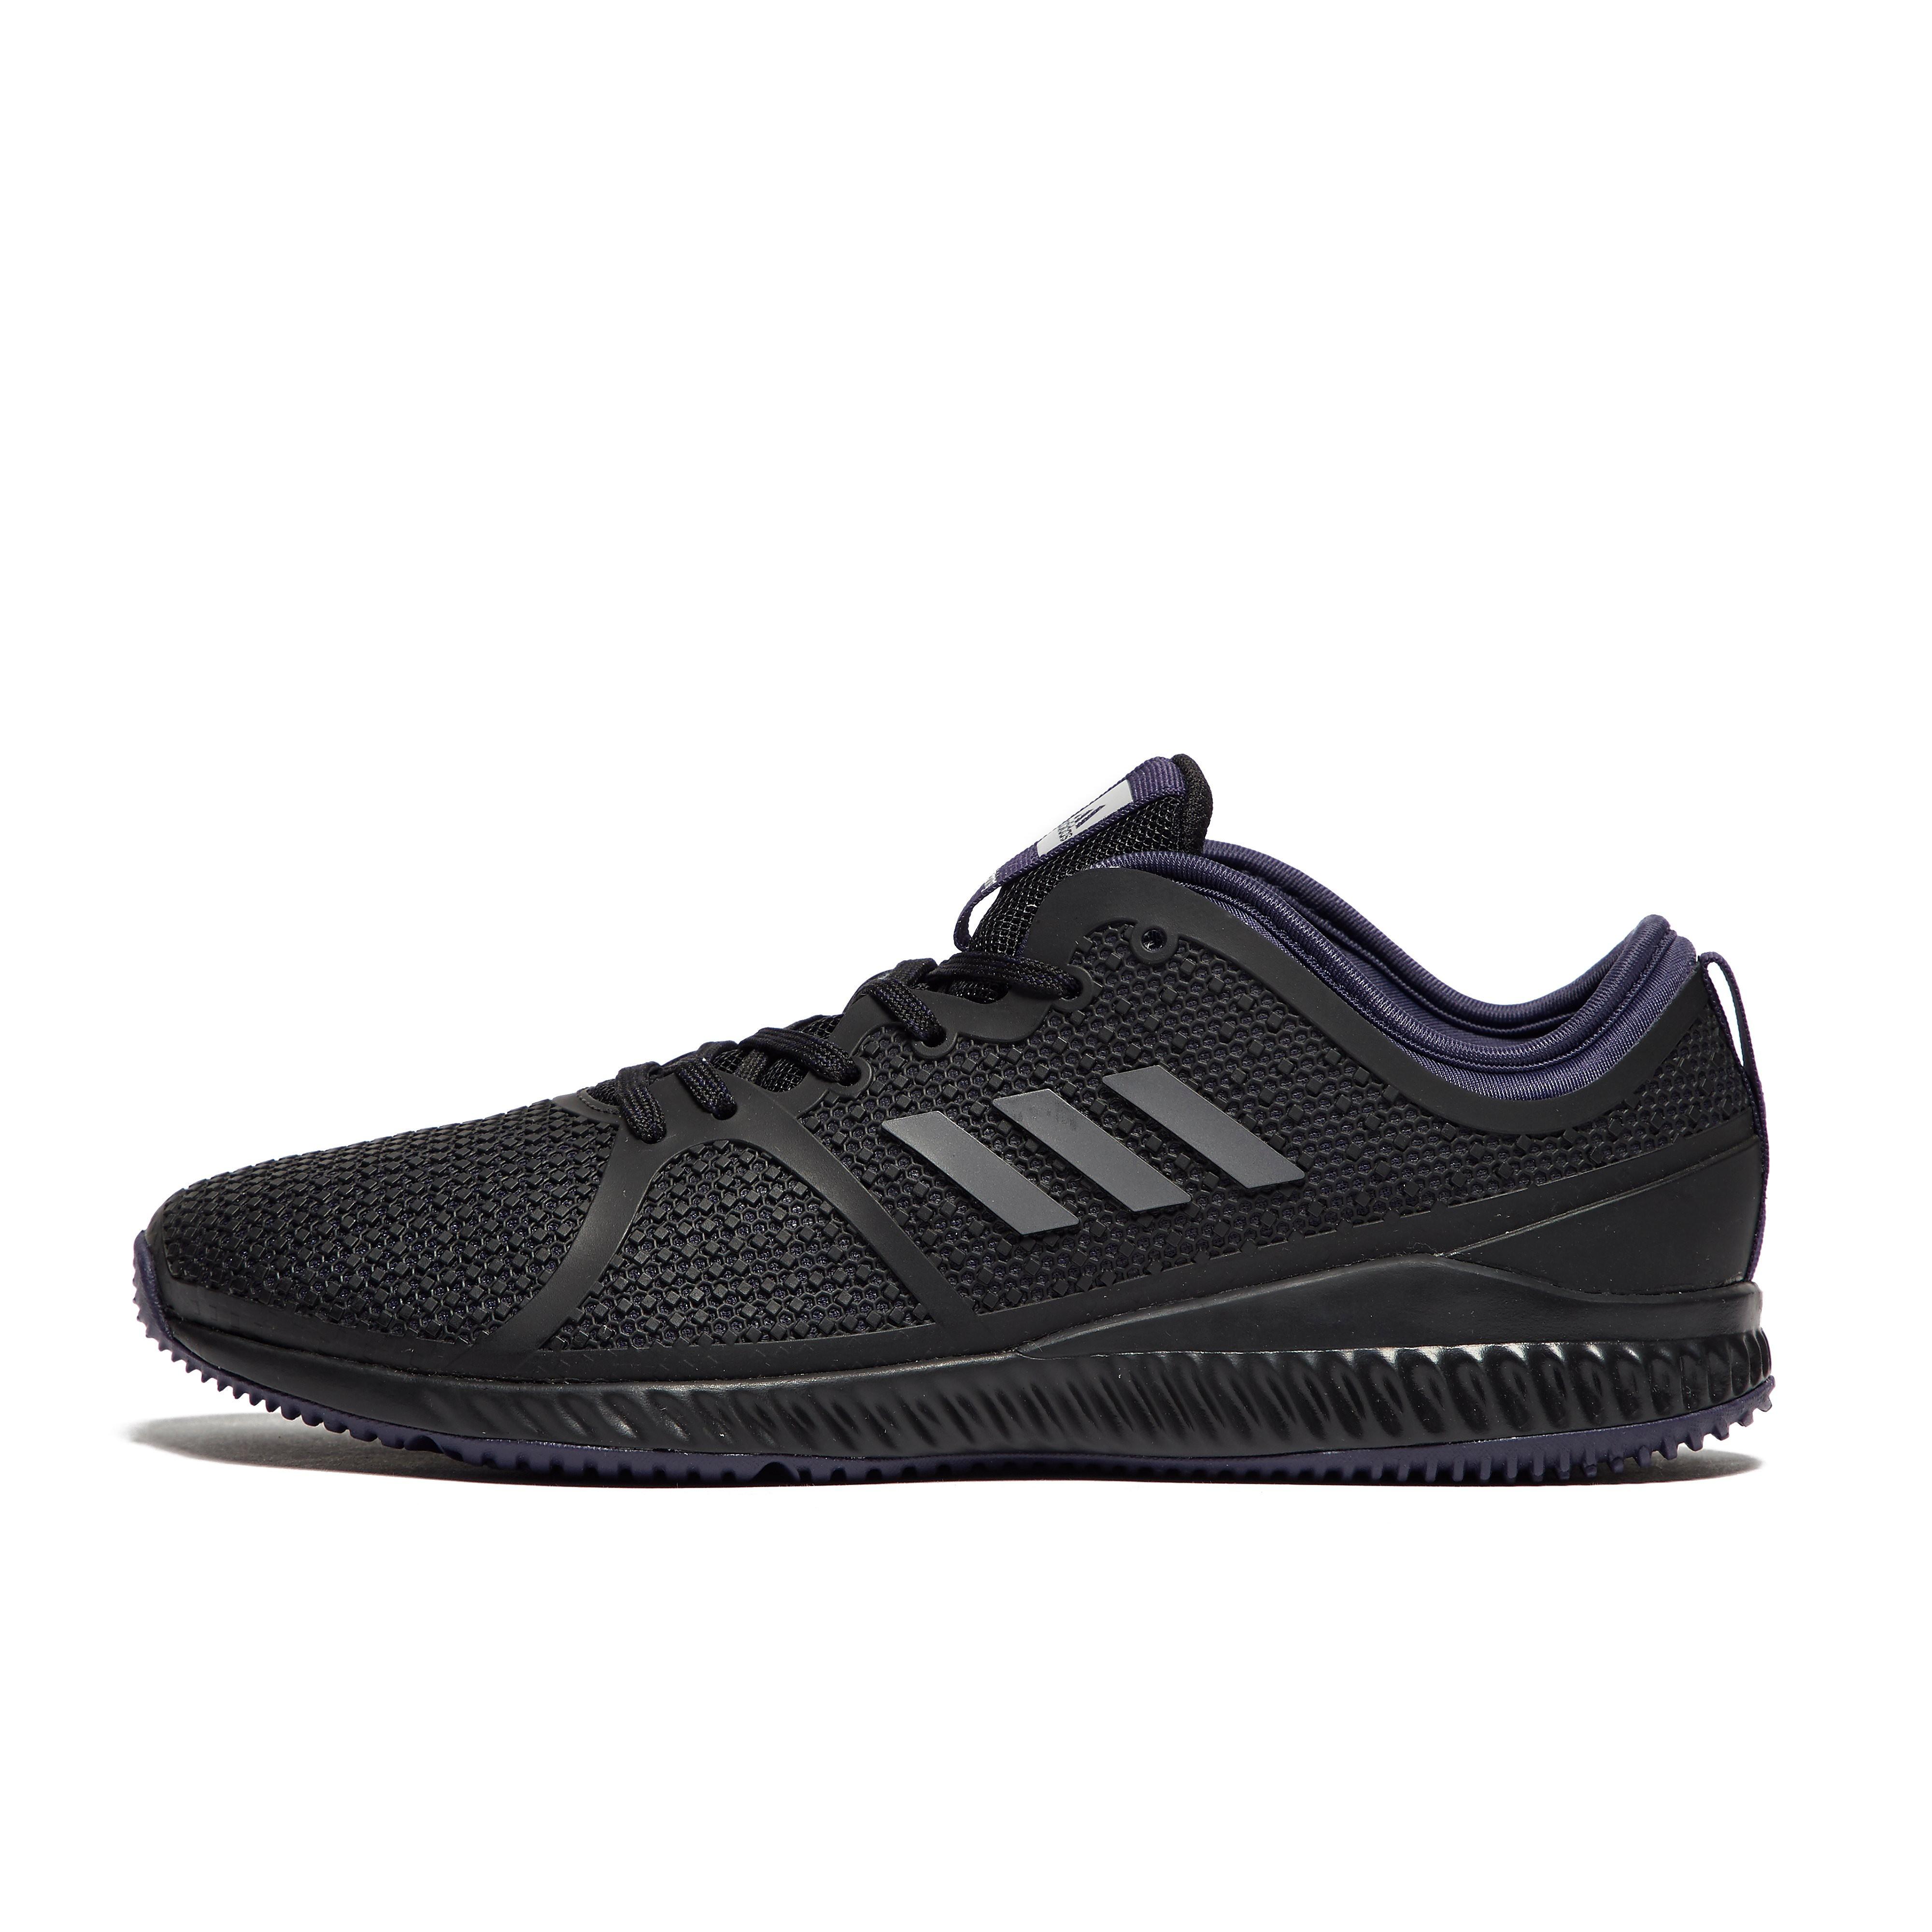 adidas Crazytrain RPU Pro Women's Shoes